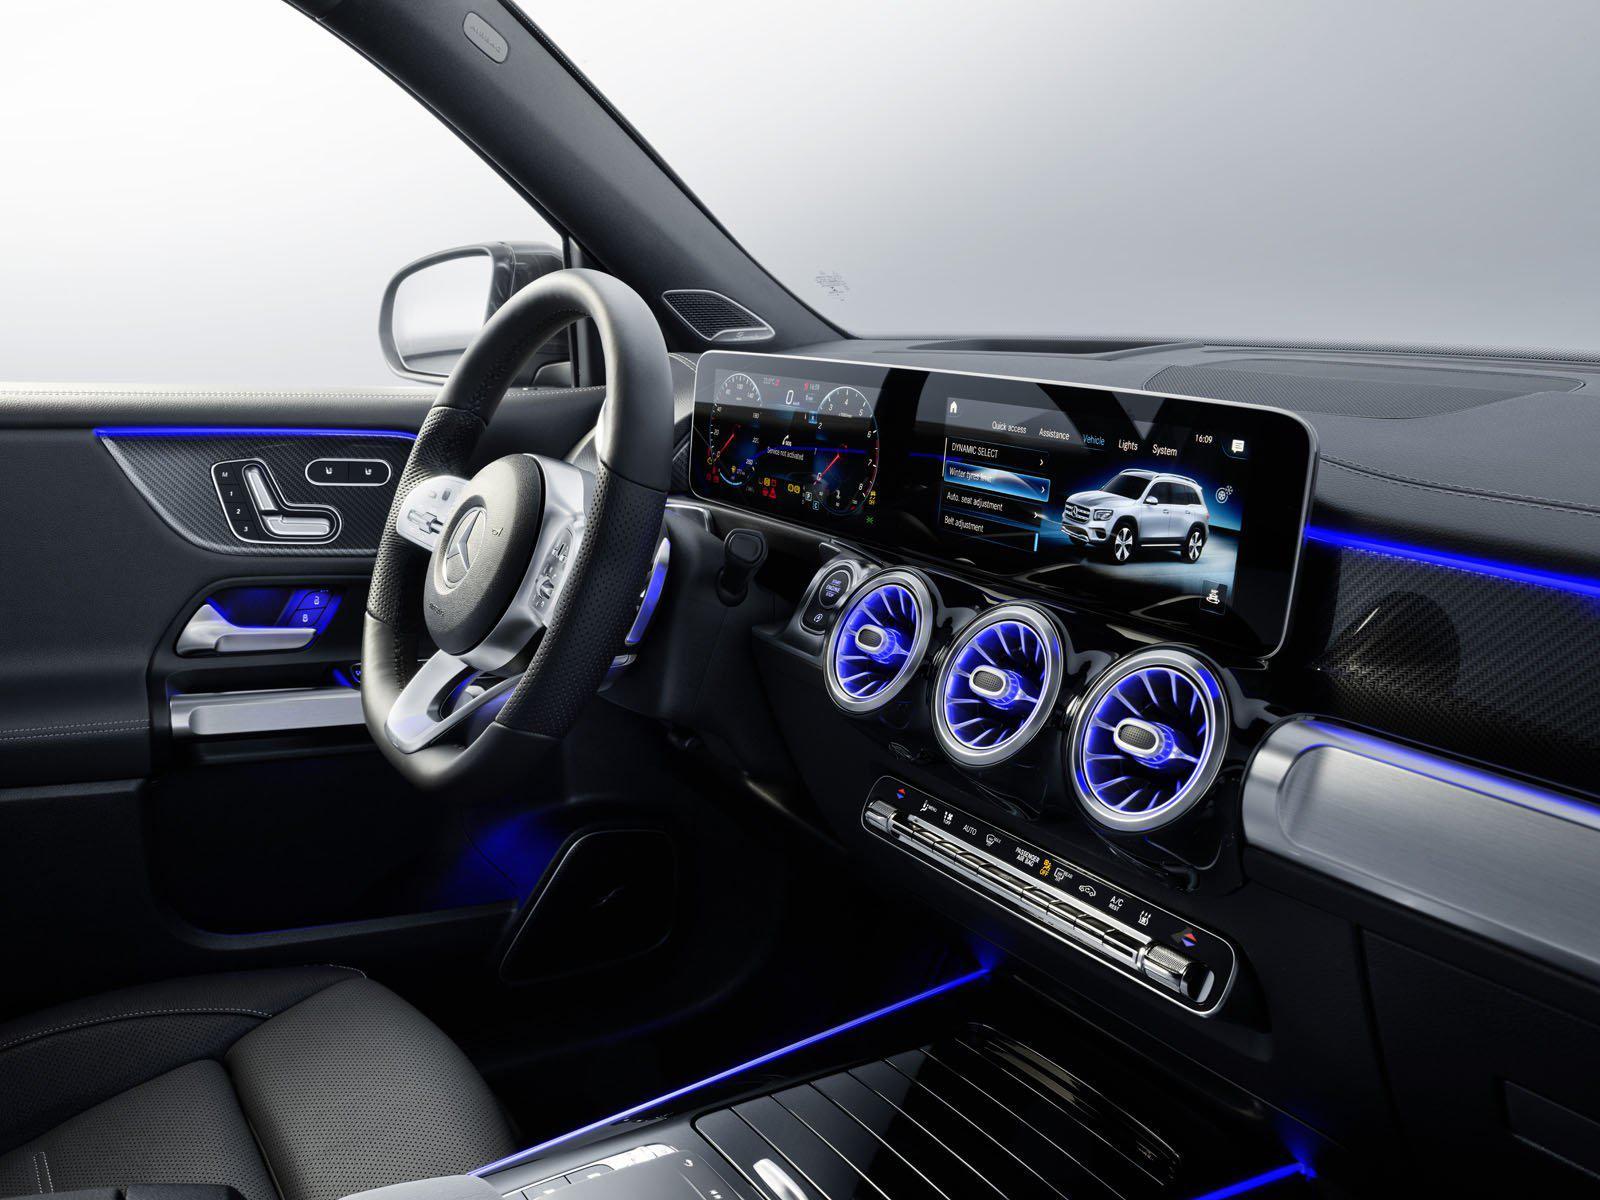 Ngắm trước Mercedes GLB sắp ra mắt với lựa chọn 7 chỗ Ảnh 5